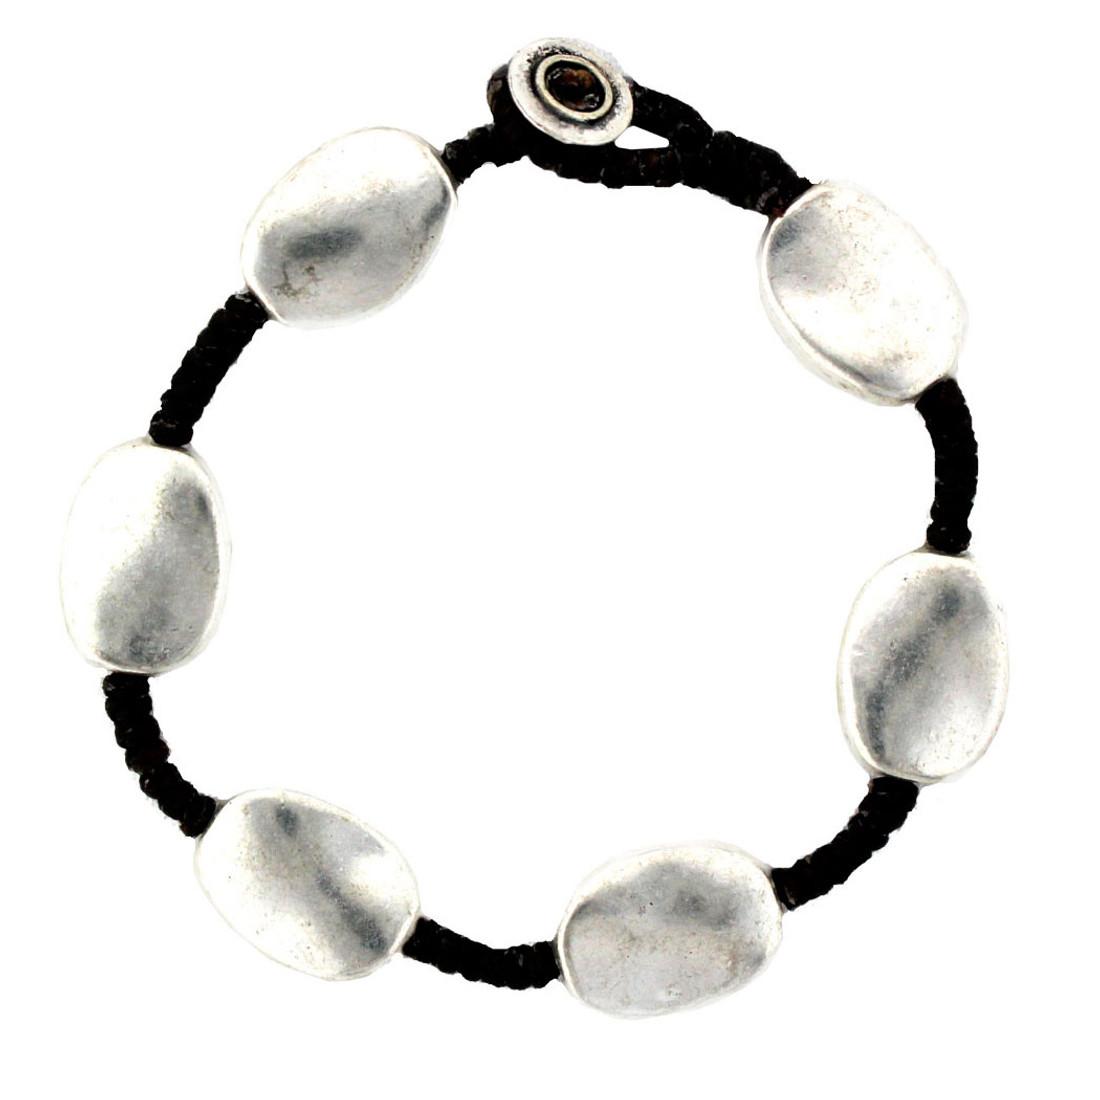 Oval Silver Alloy Bracelet Wrist Jewelry Waxed Linen Wristband